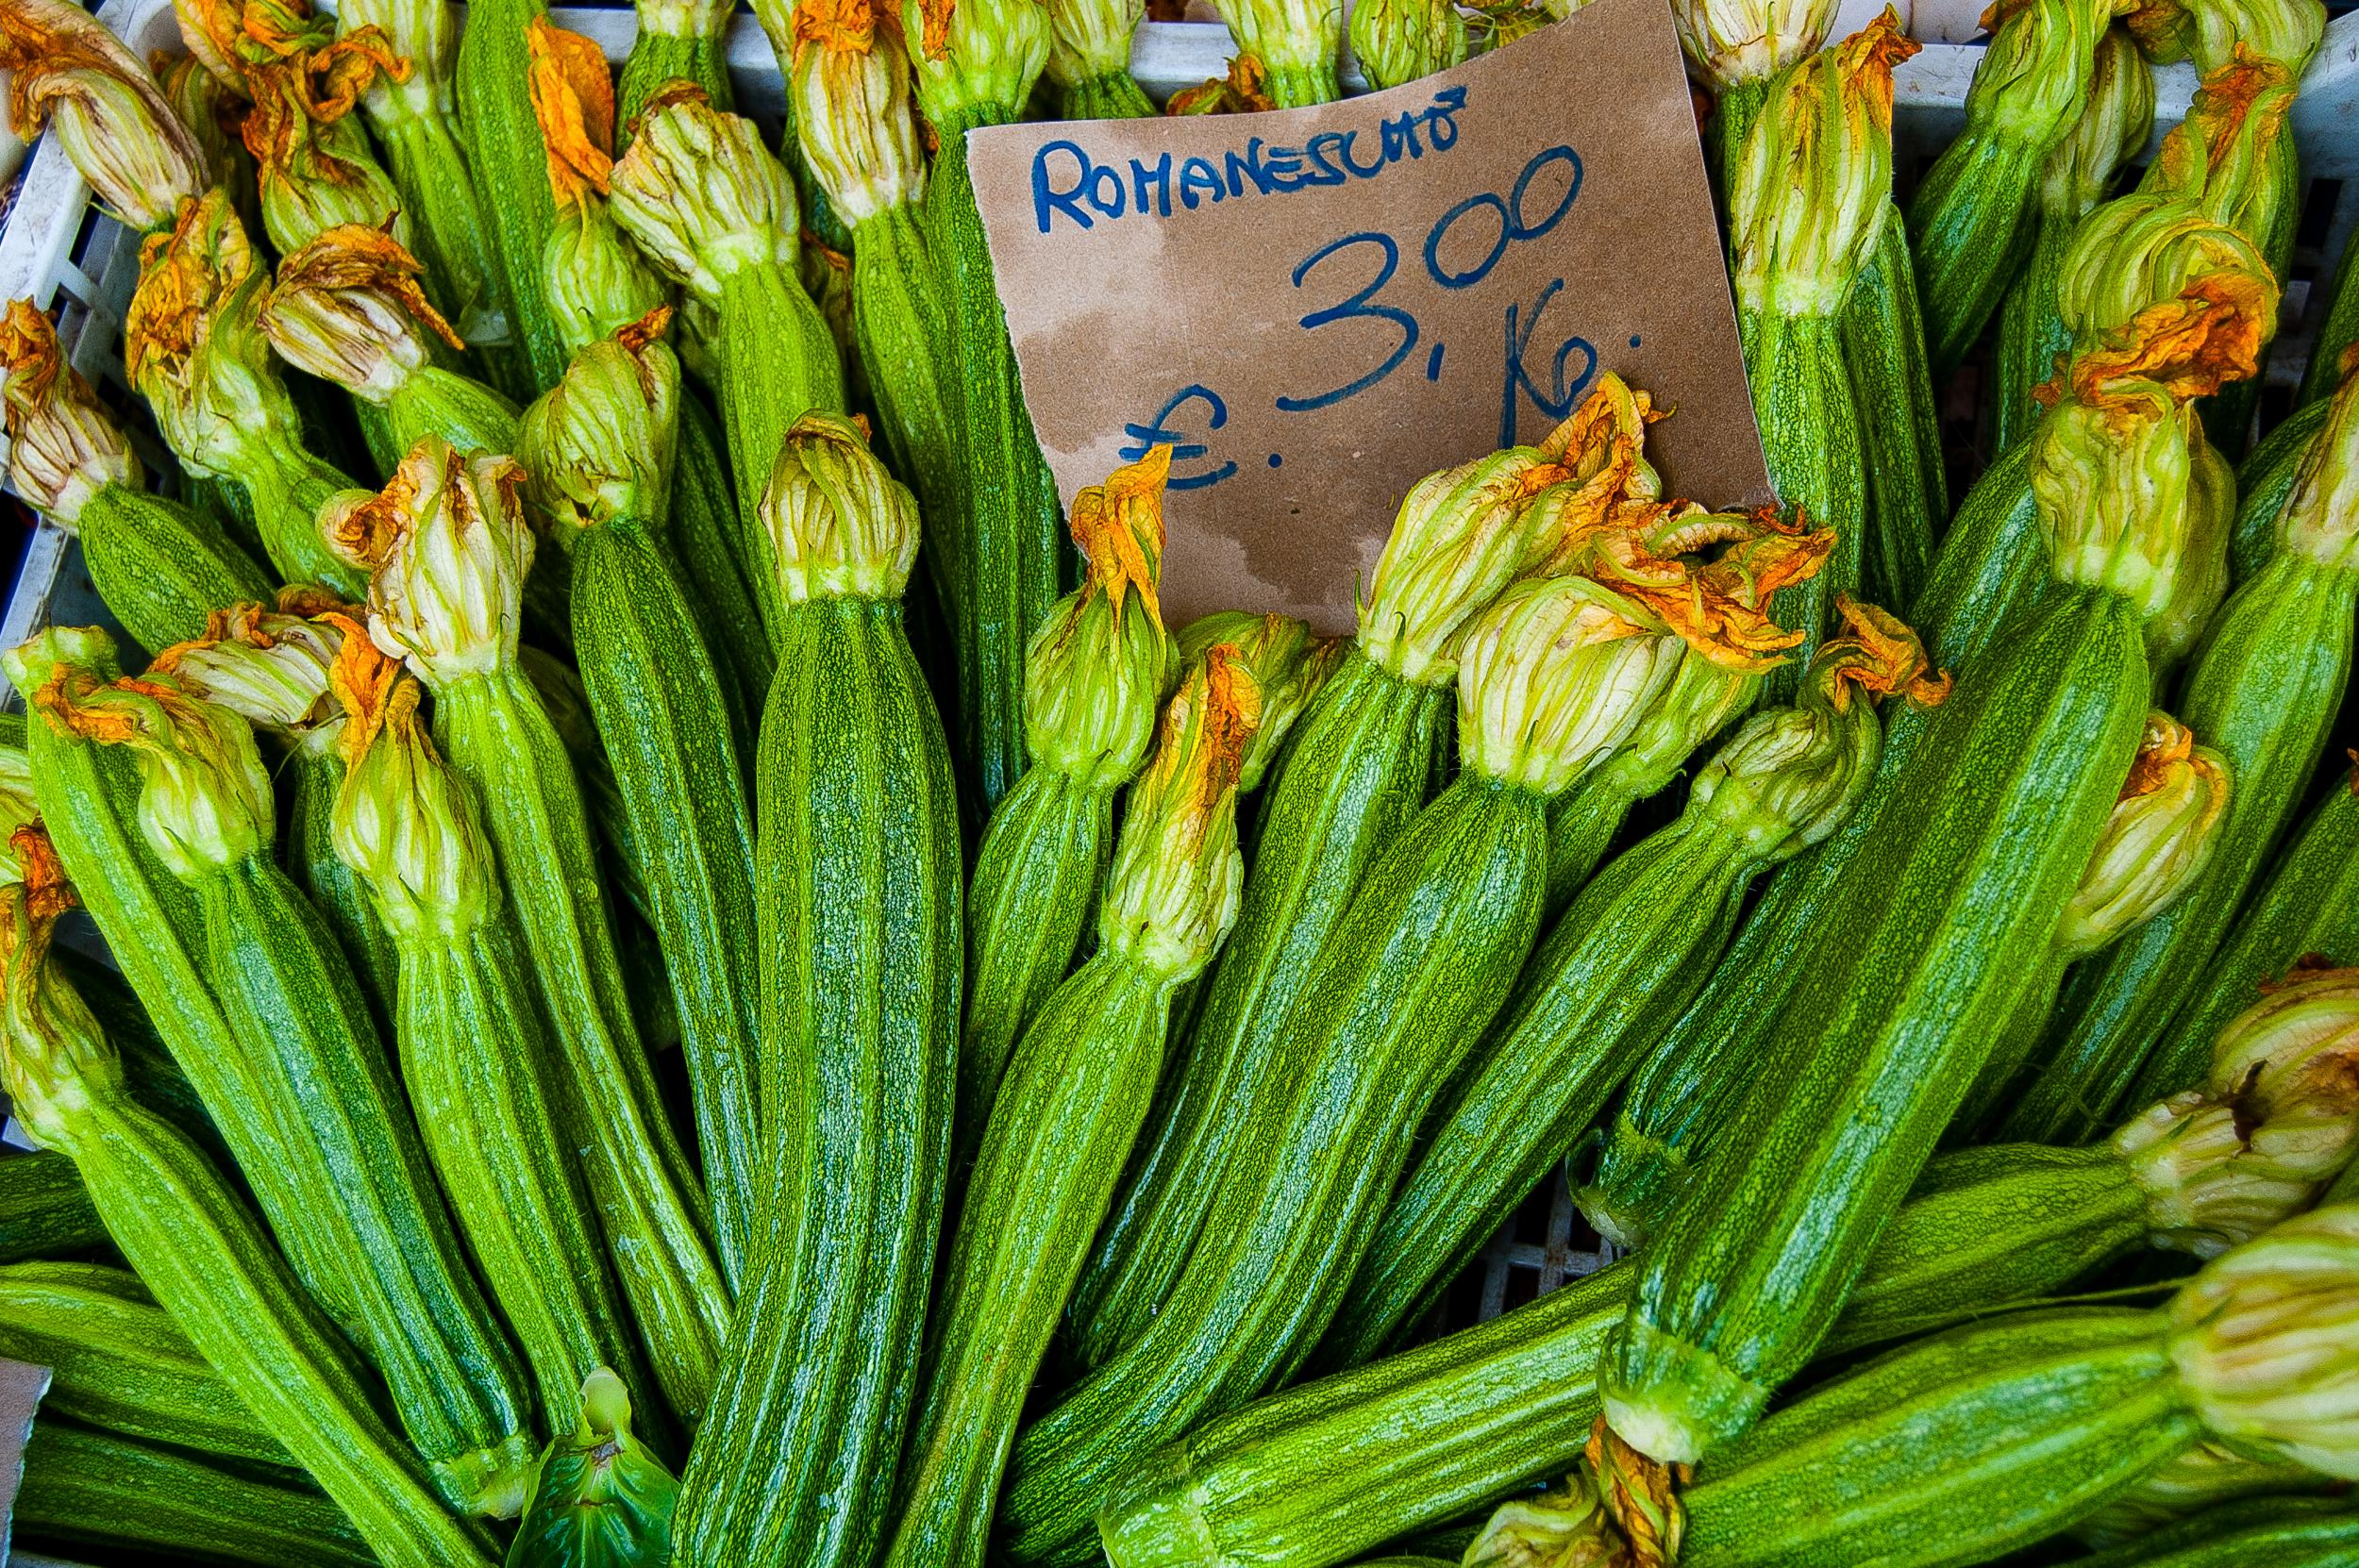 A stand at a market in the Campo de' Fiori